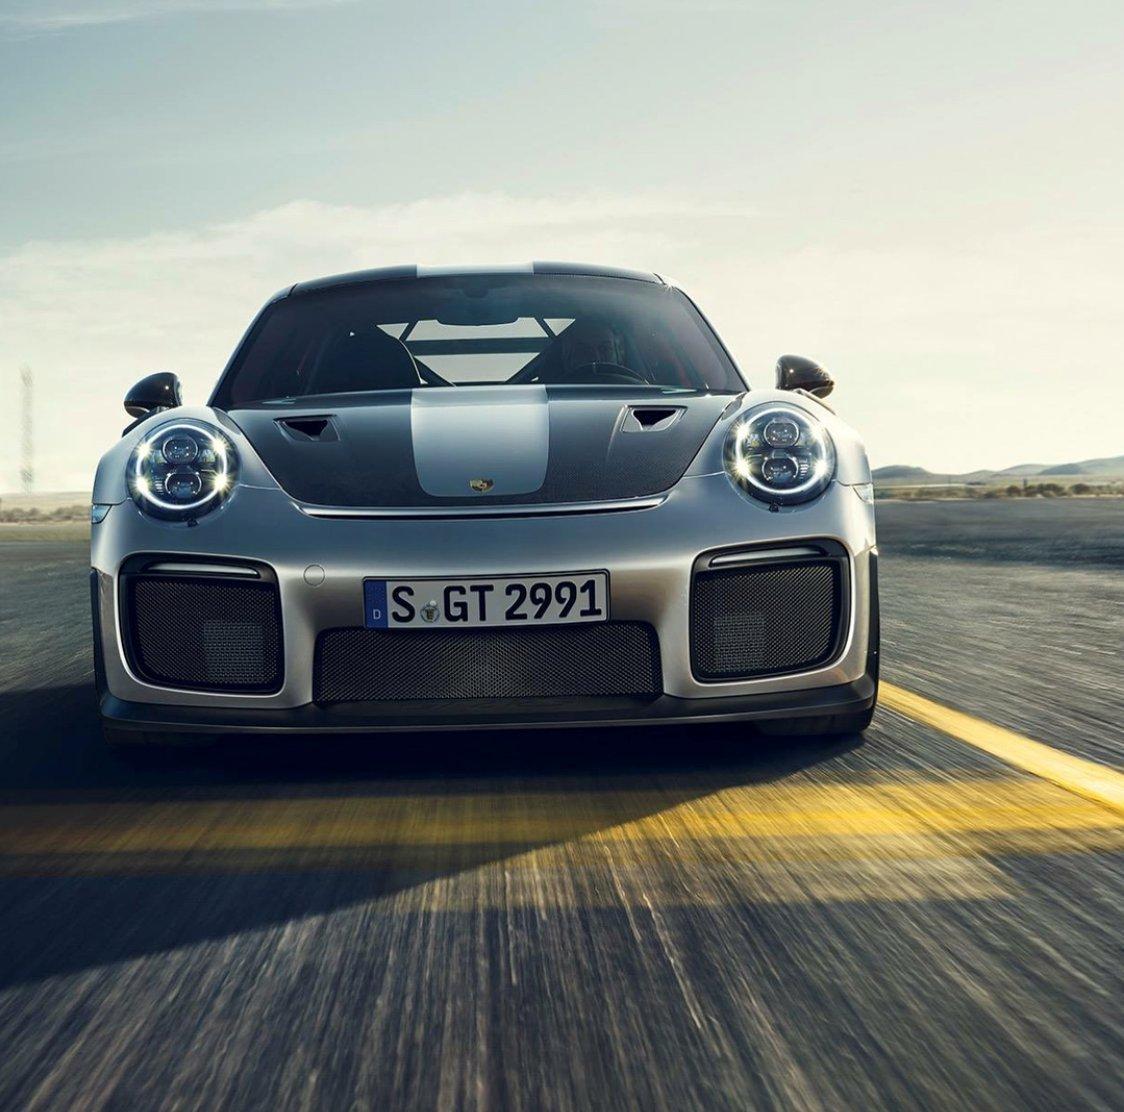 Amazon.com: Porsche 991 GT2RS Carbon Fiber Hood for 991 Application: Automotive